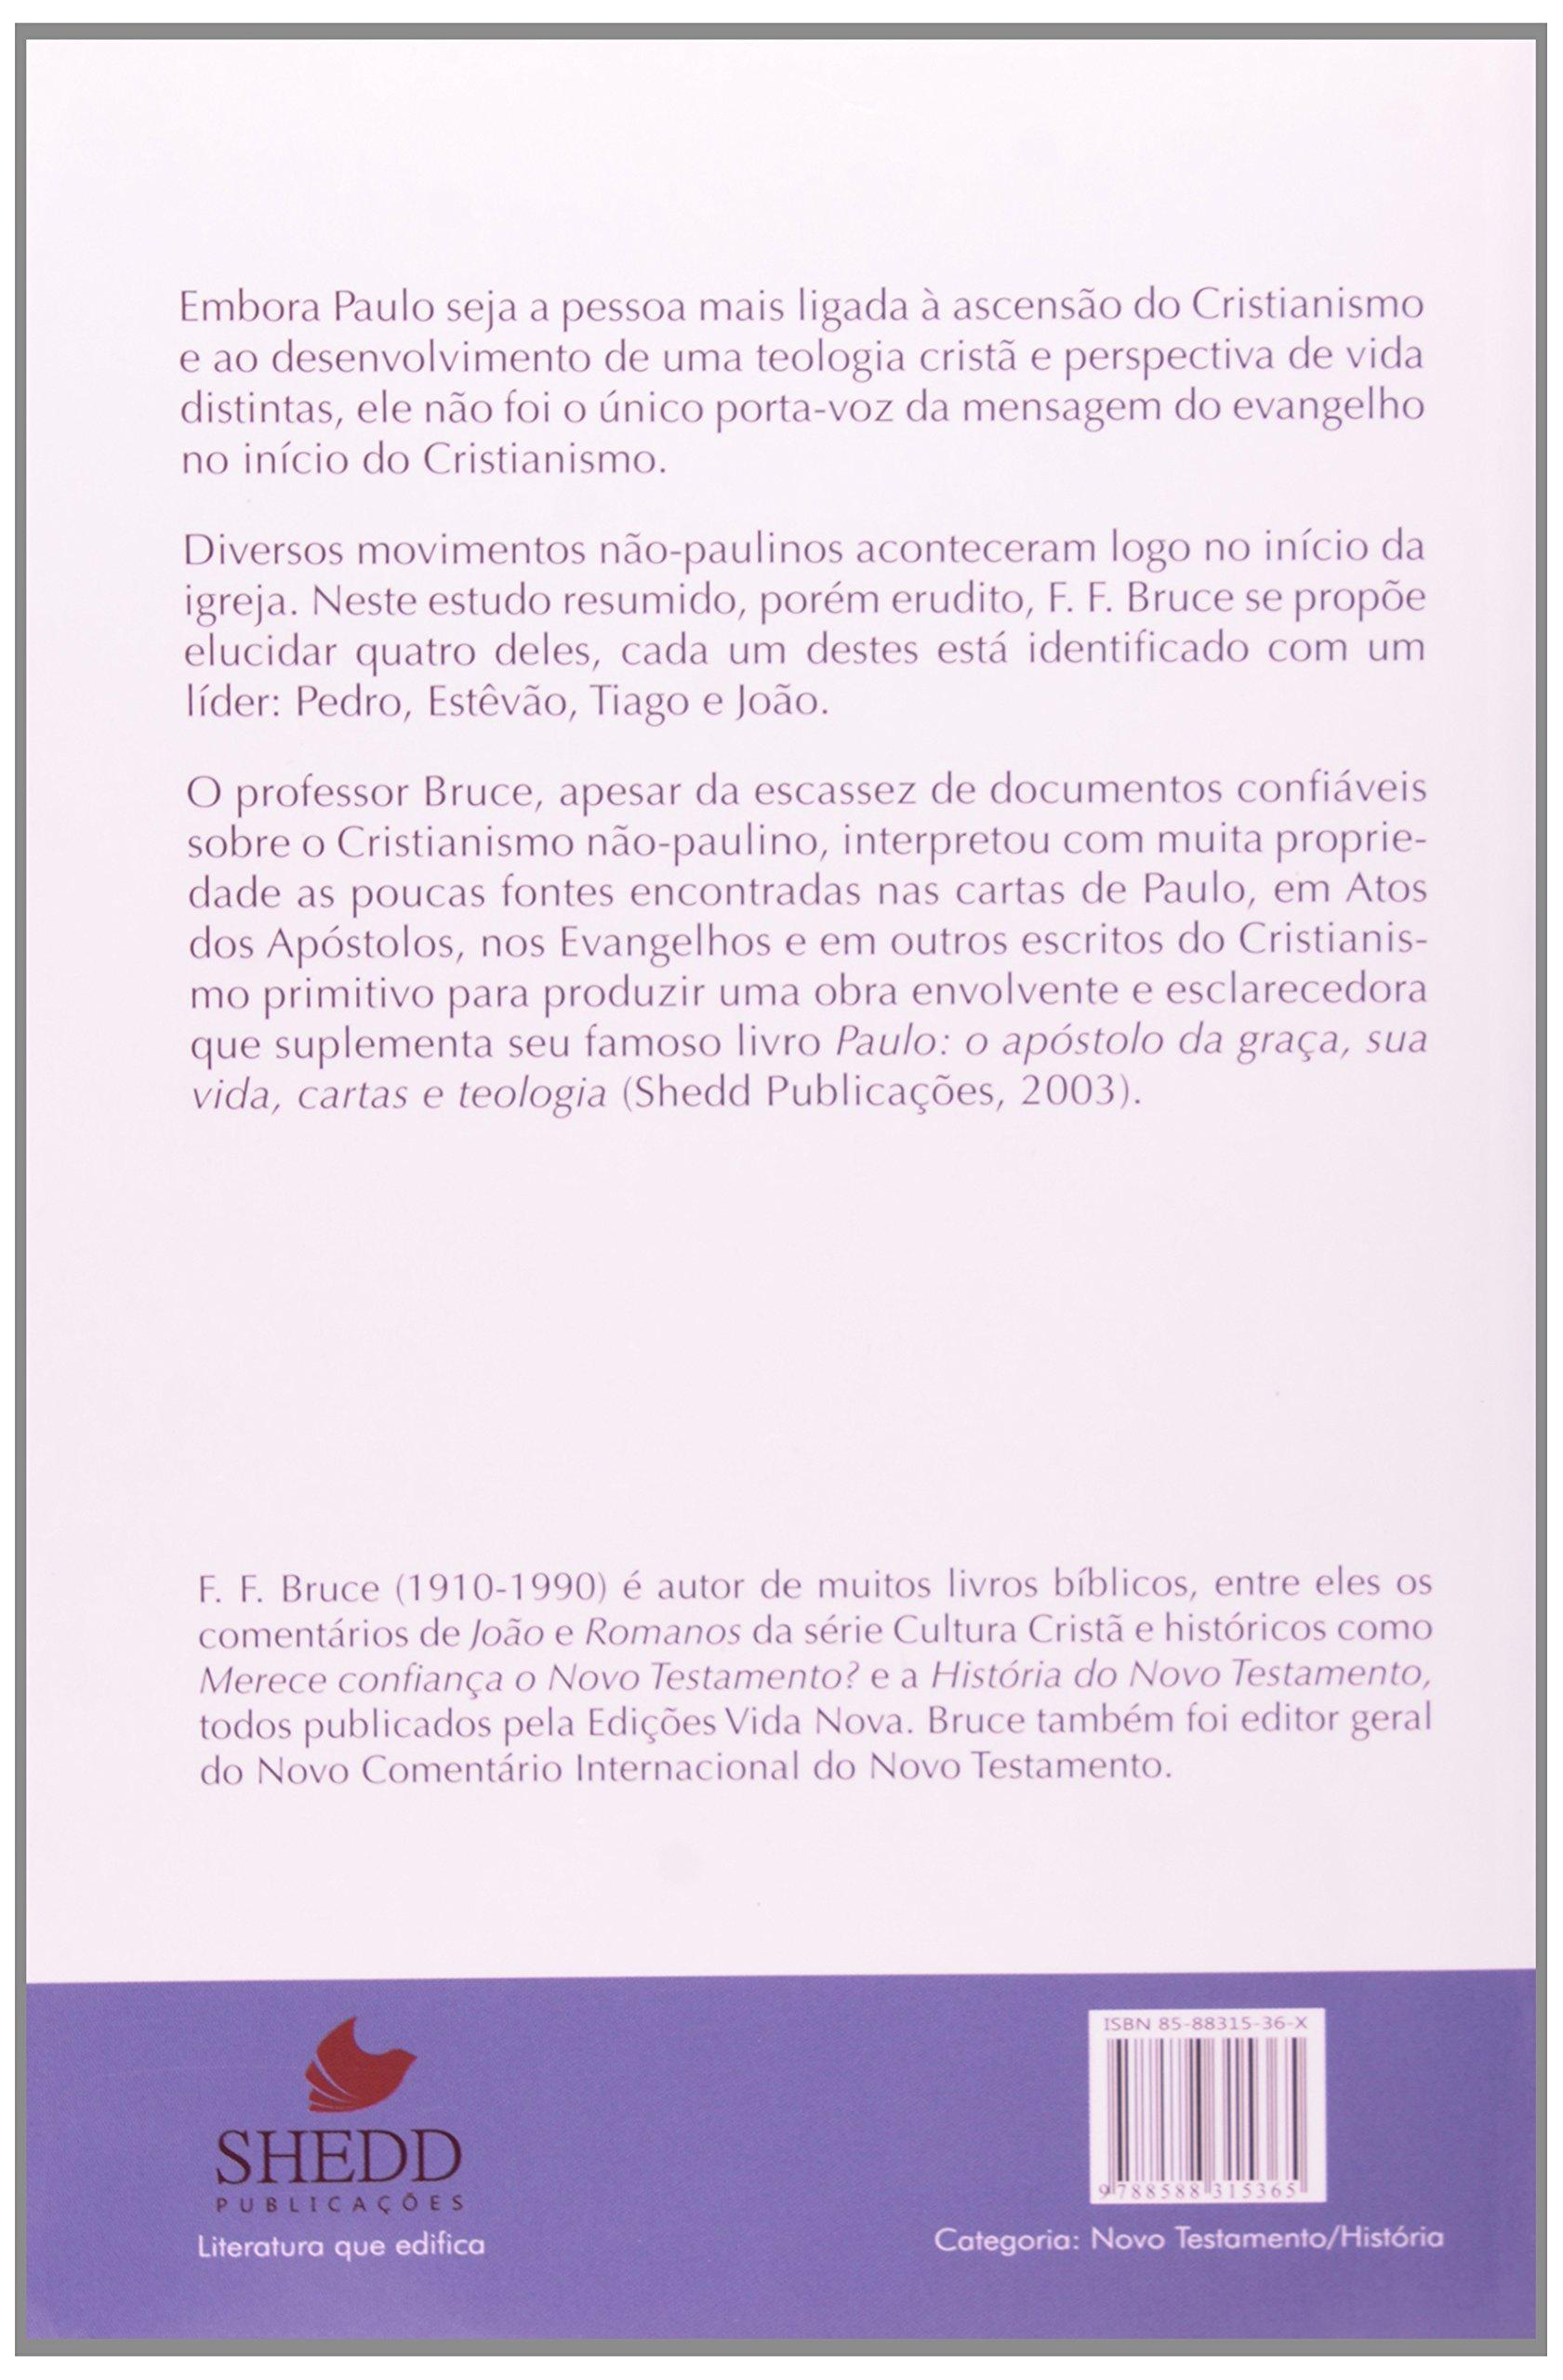 Pedro, Estevao, Tiago e Joao: Estudos do Cristianismo Nao ...